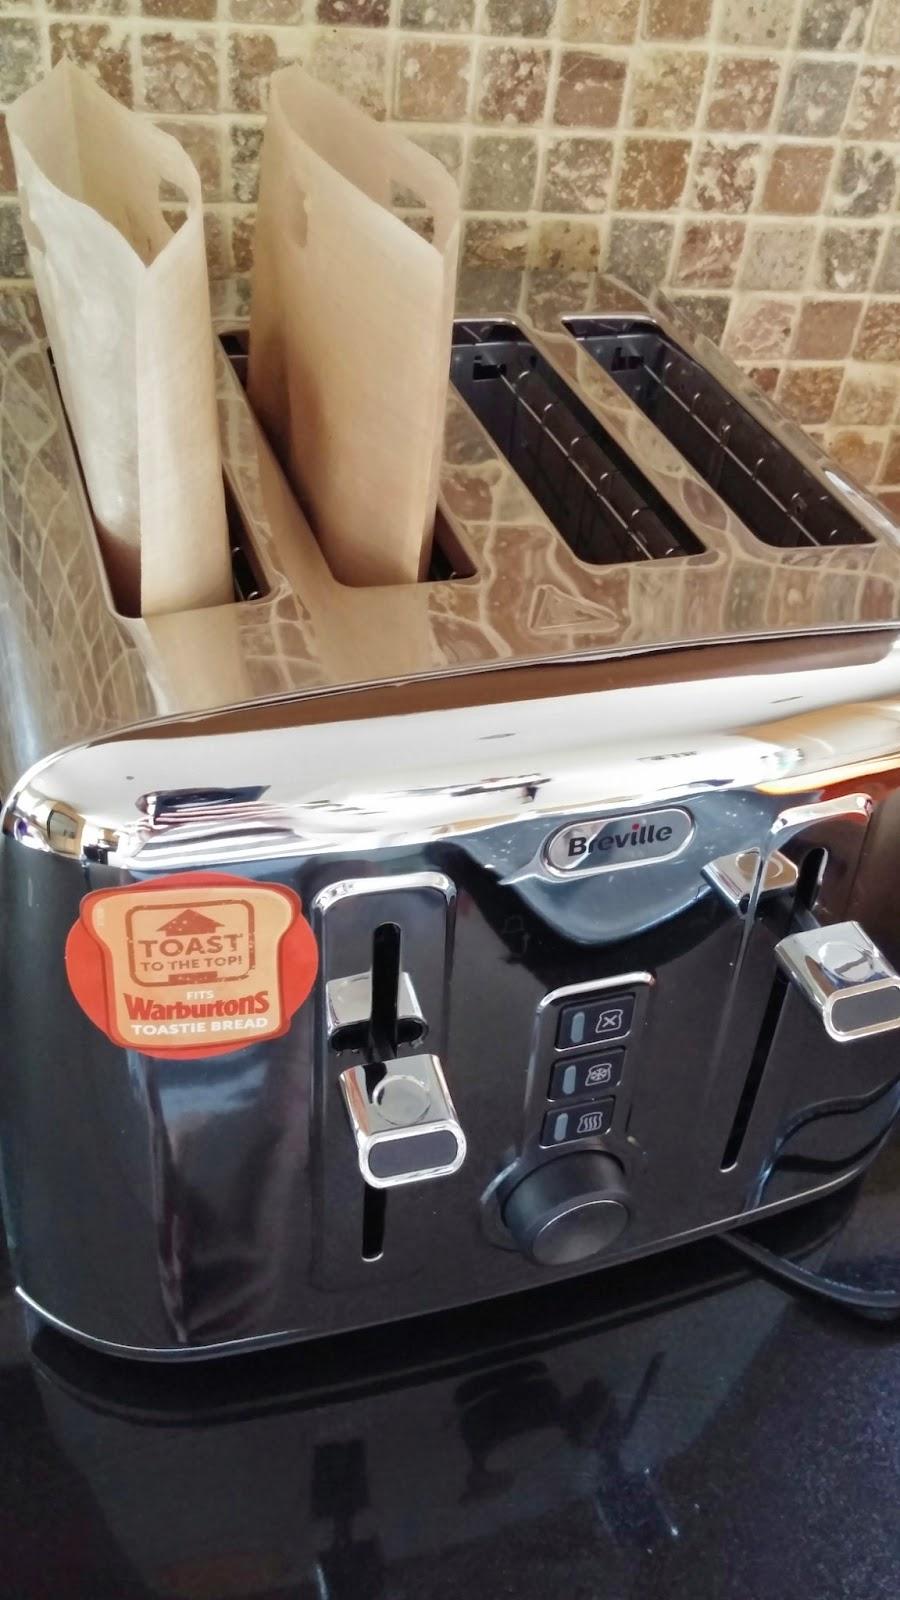 Warburton's toaster